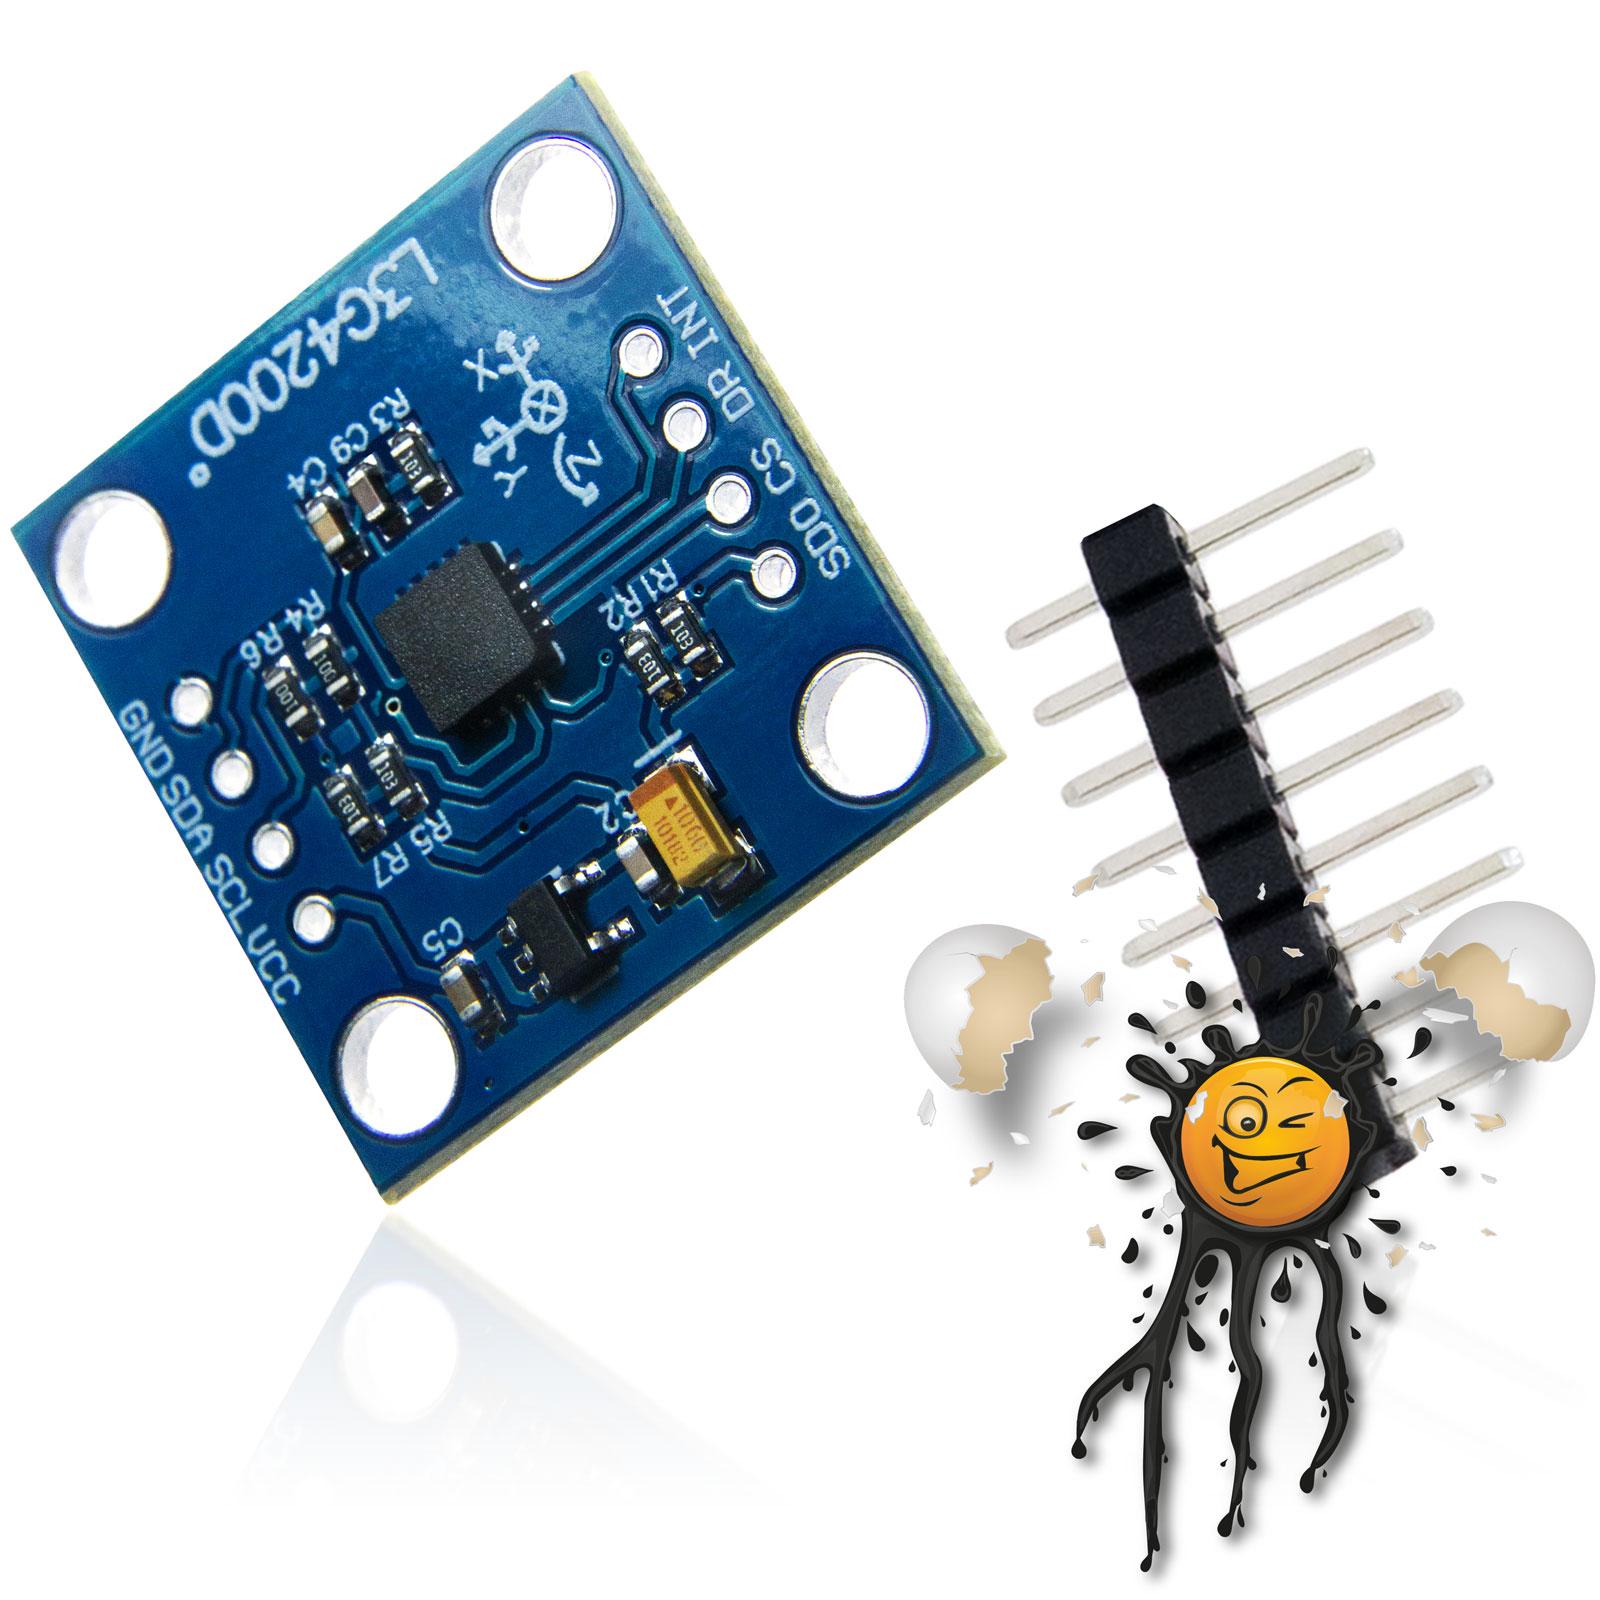 GY-50 accelerometer sensor module